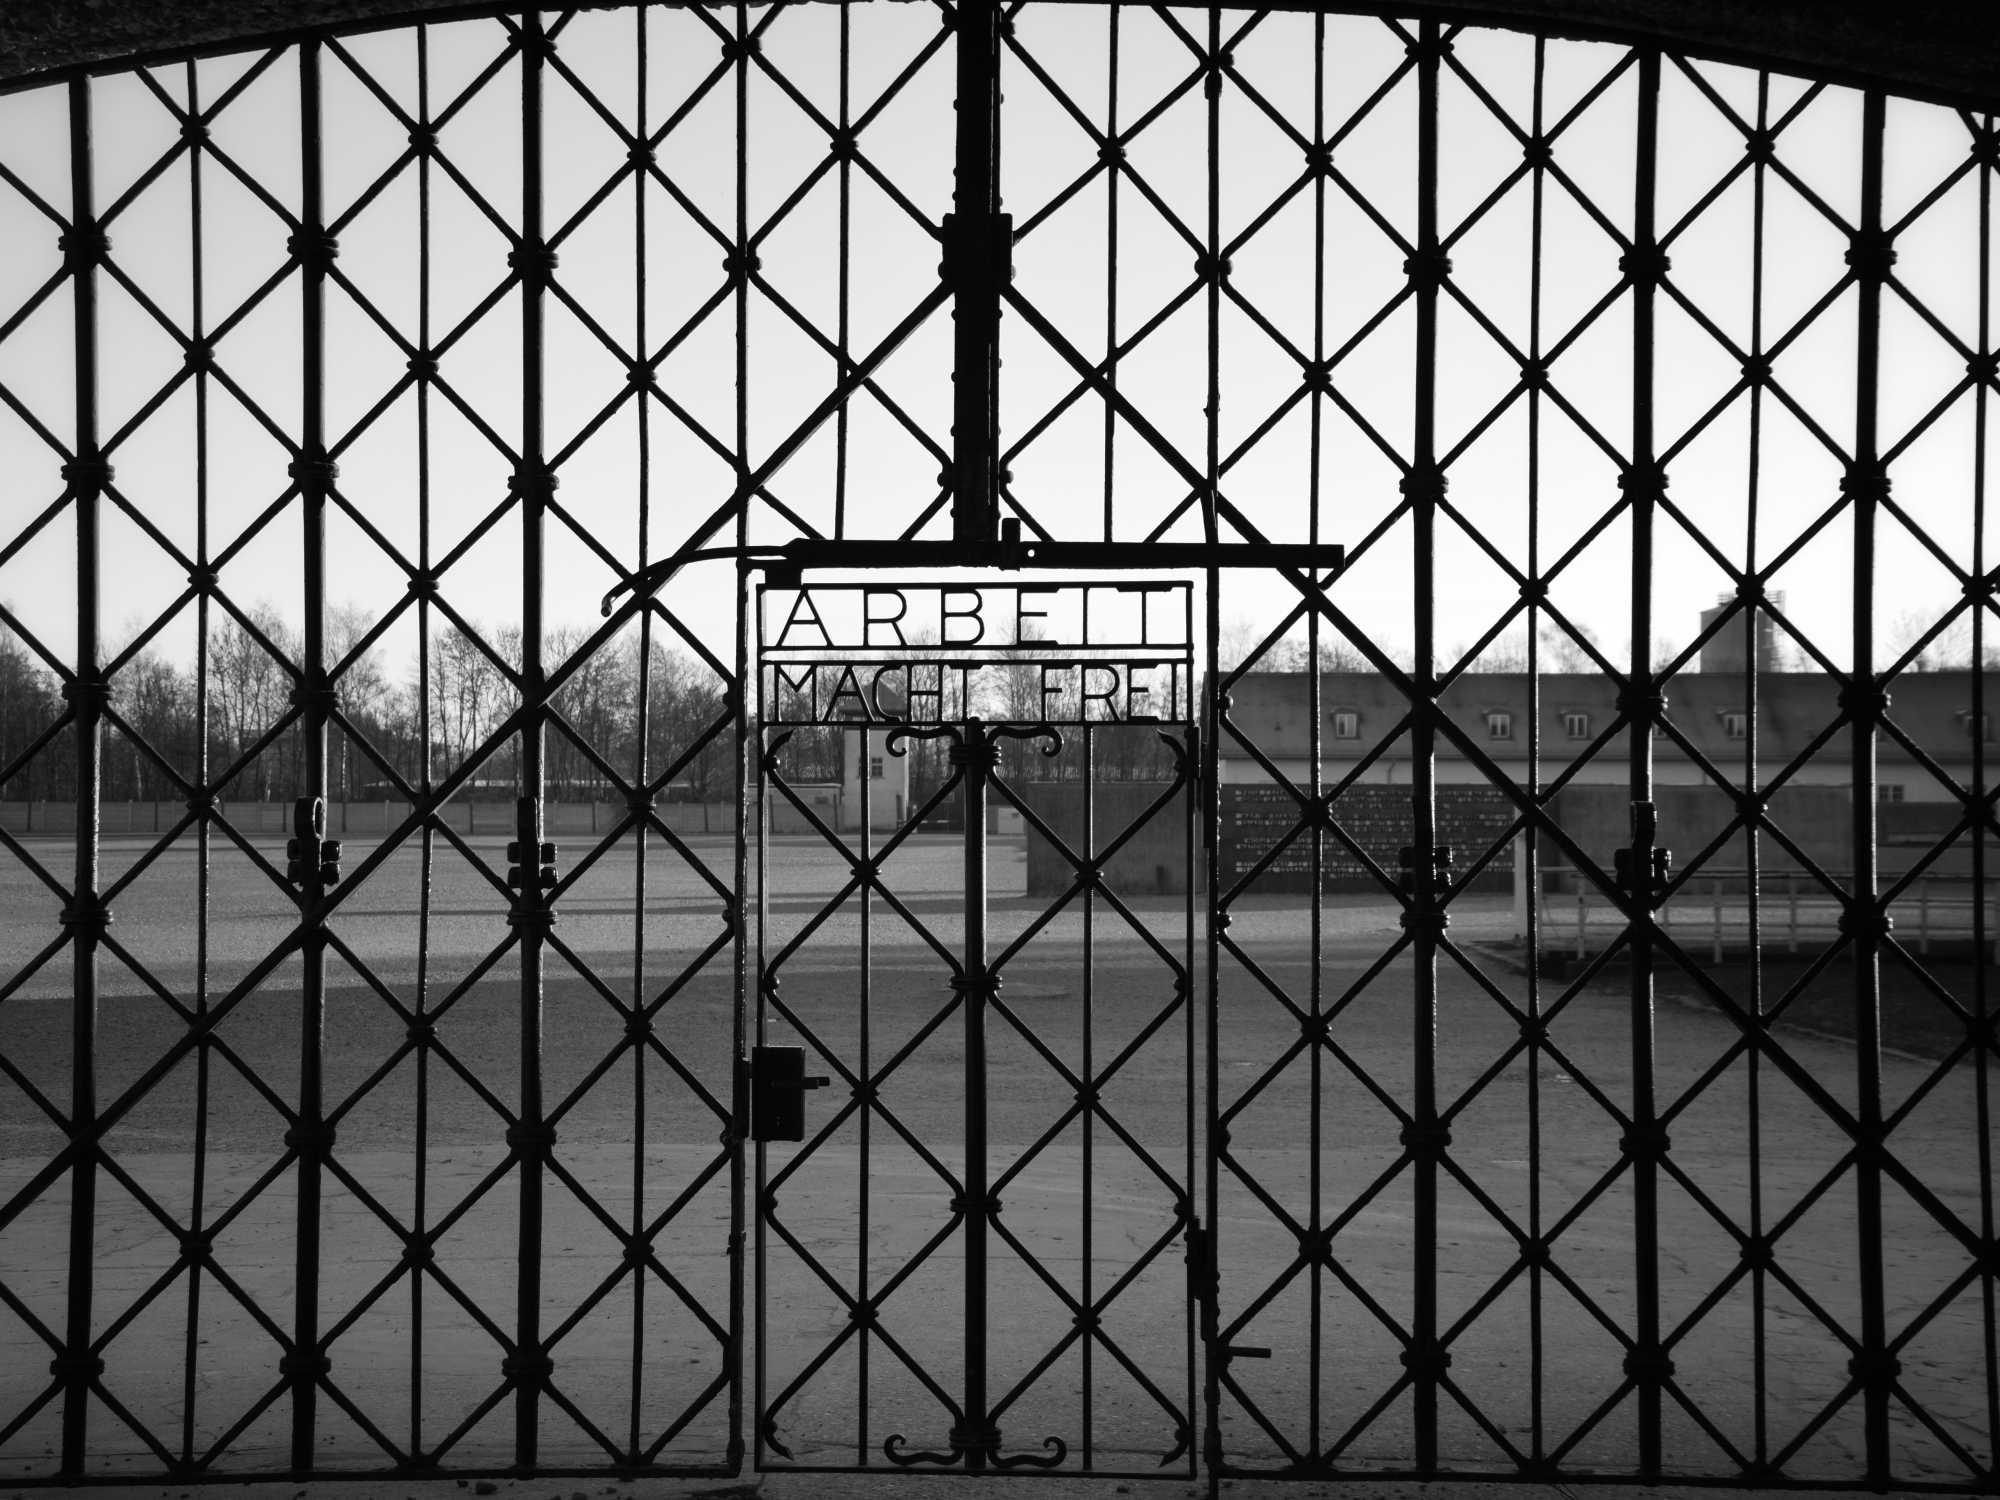 """""""Artbeit macht frei"""": Eingang zum Konzentrationslager Dachau"""